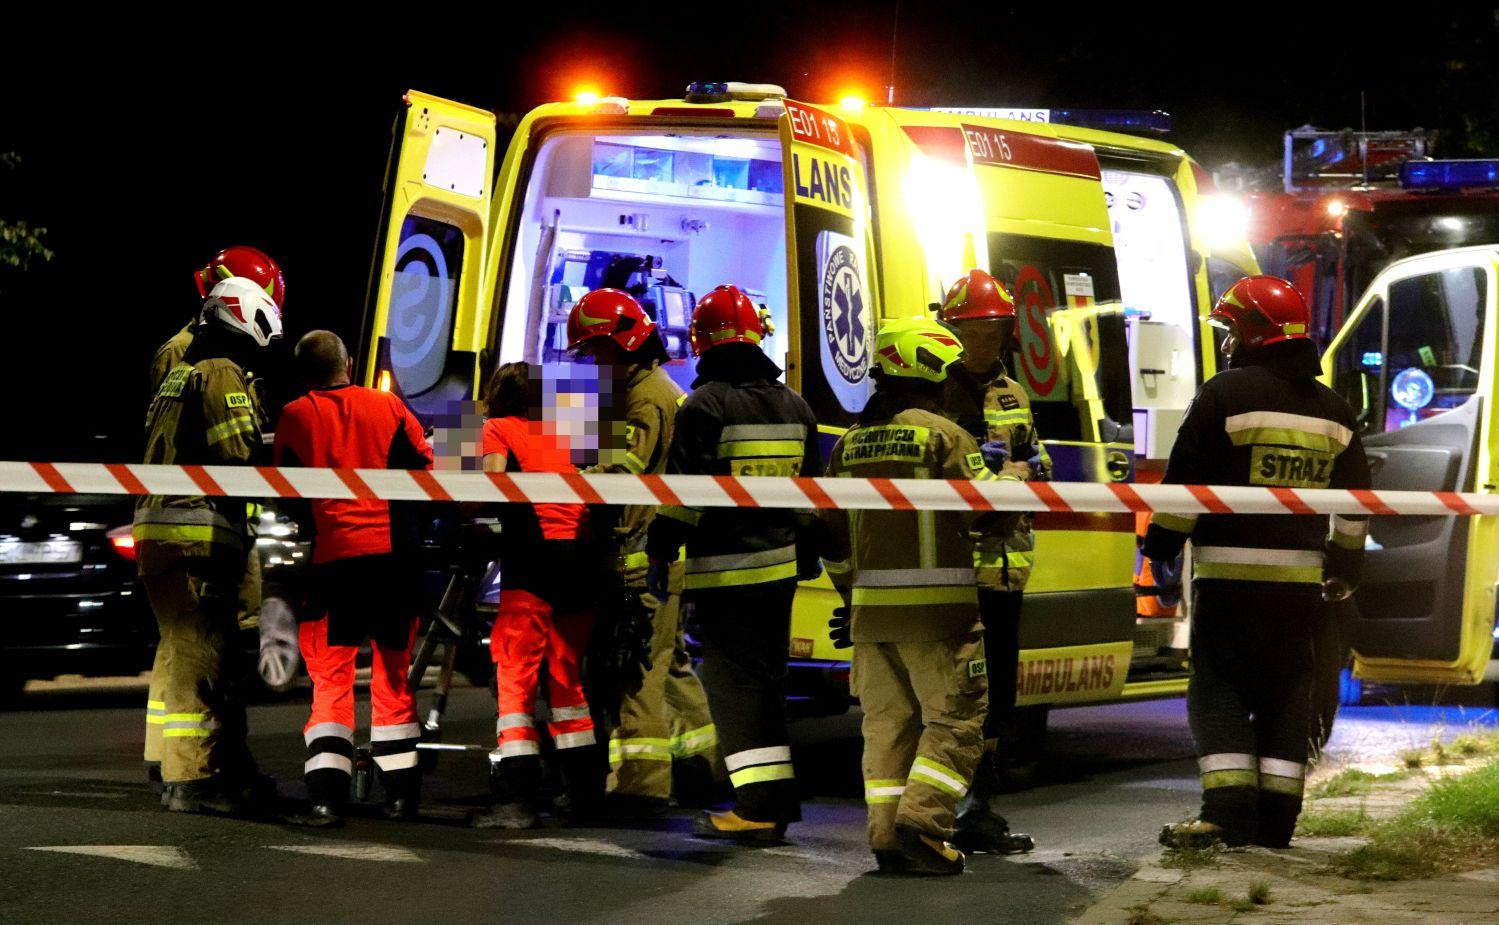 Kierowca skutera uderzył w słup. Policja komentuje śmiertelny wypadek w Kutnie [ZDJĘCIA] - Zdjęcie główne